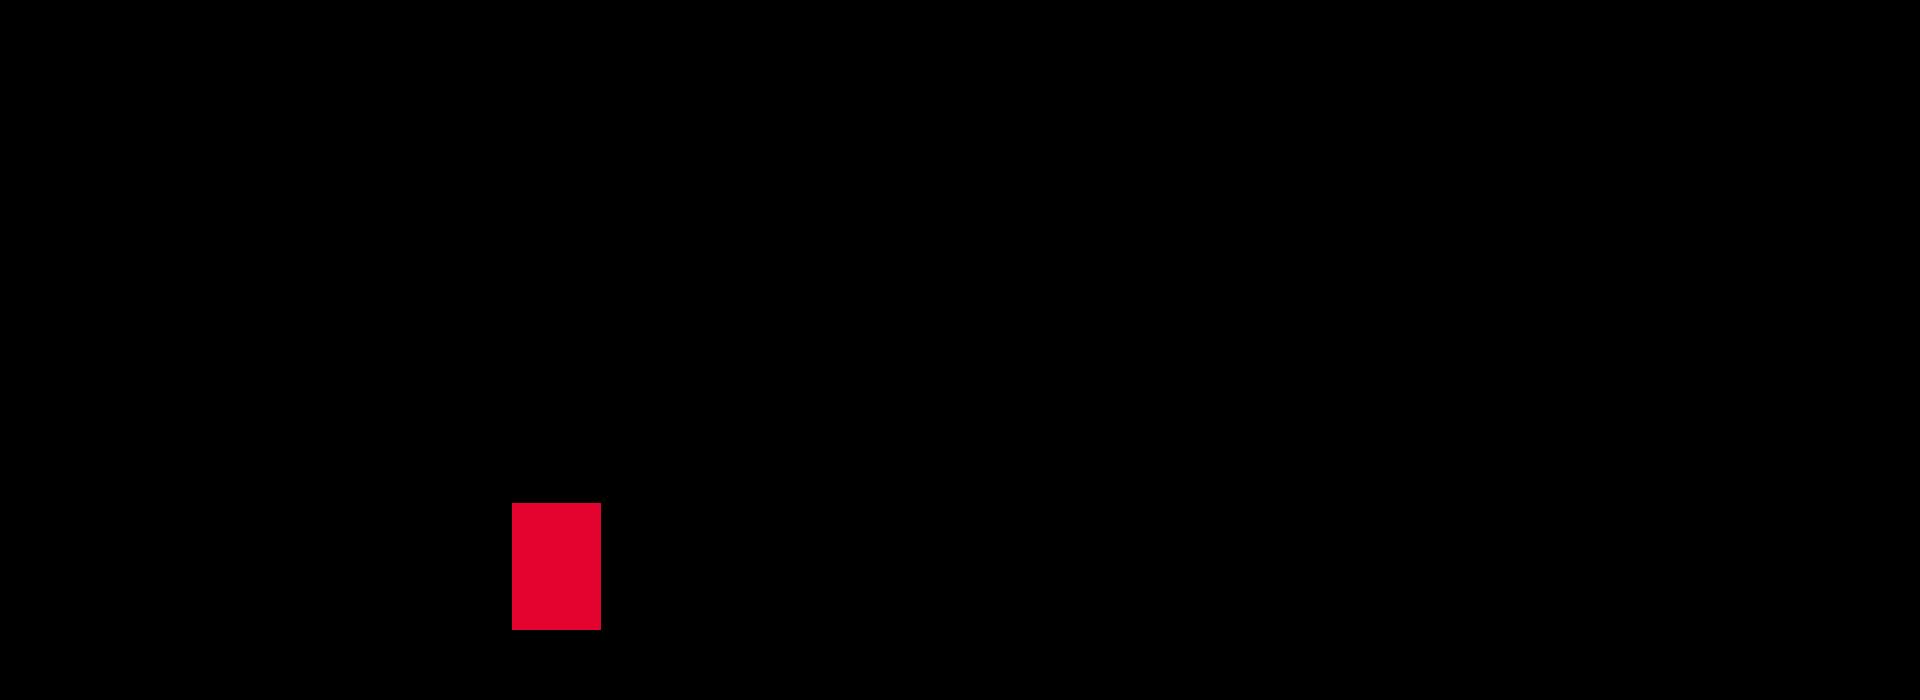 rsgp-slider-v4-04.png